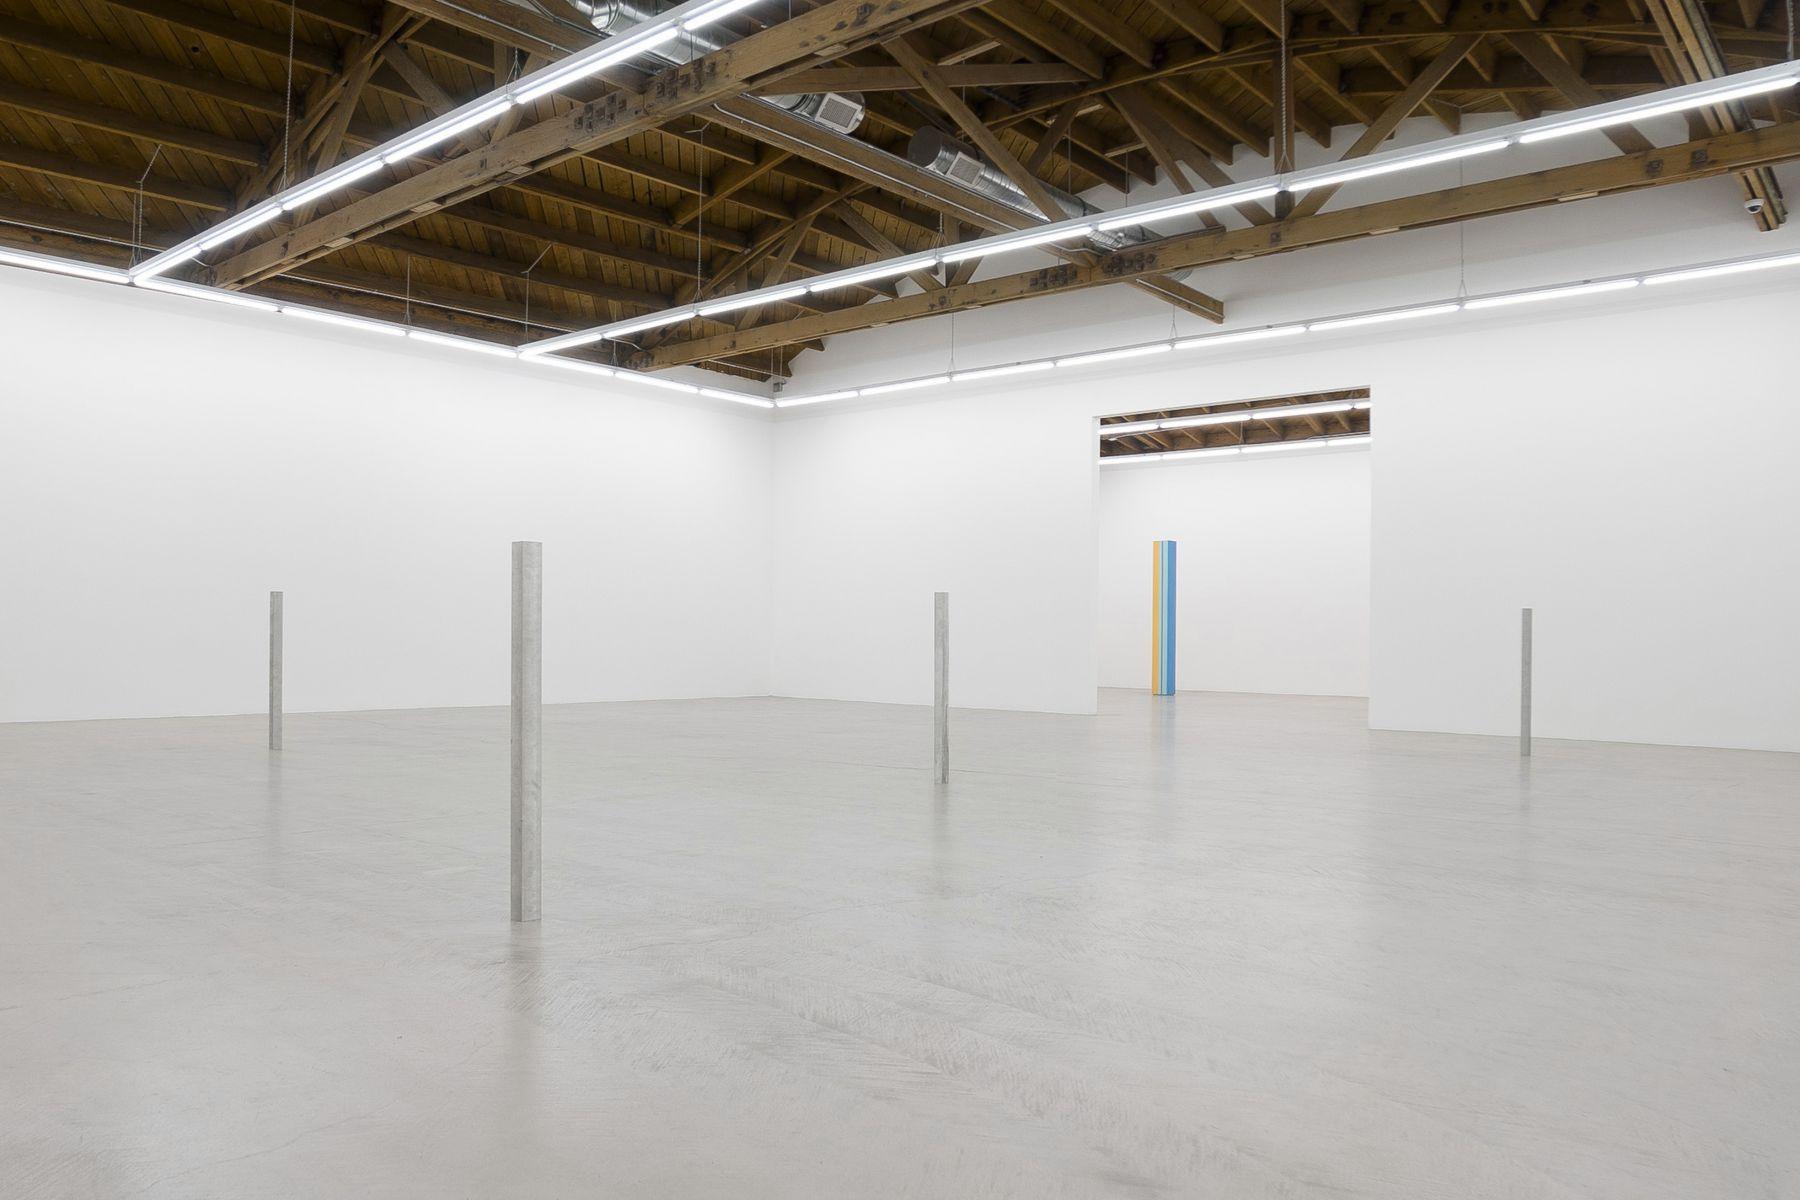 Installation view, Anne Truitt / Daniel Turner, May 12 - June 16, 2018, courtesy Parrasch Heijnen Gallery